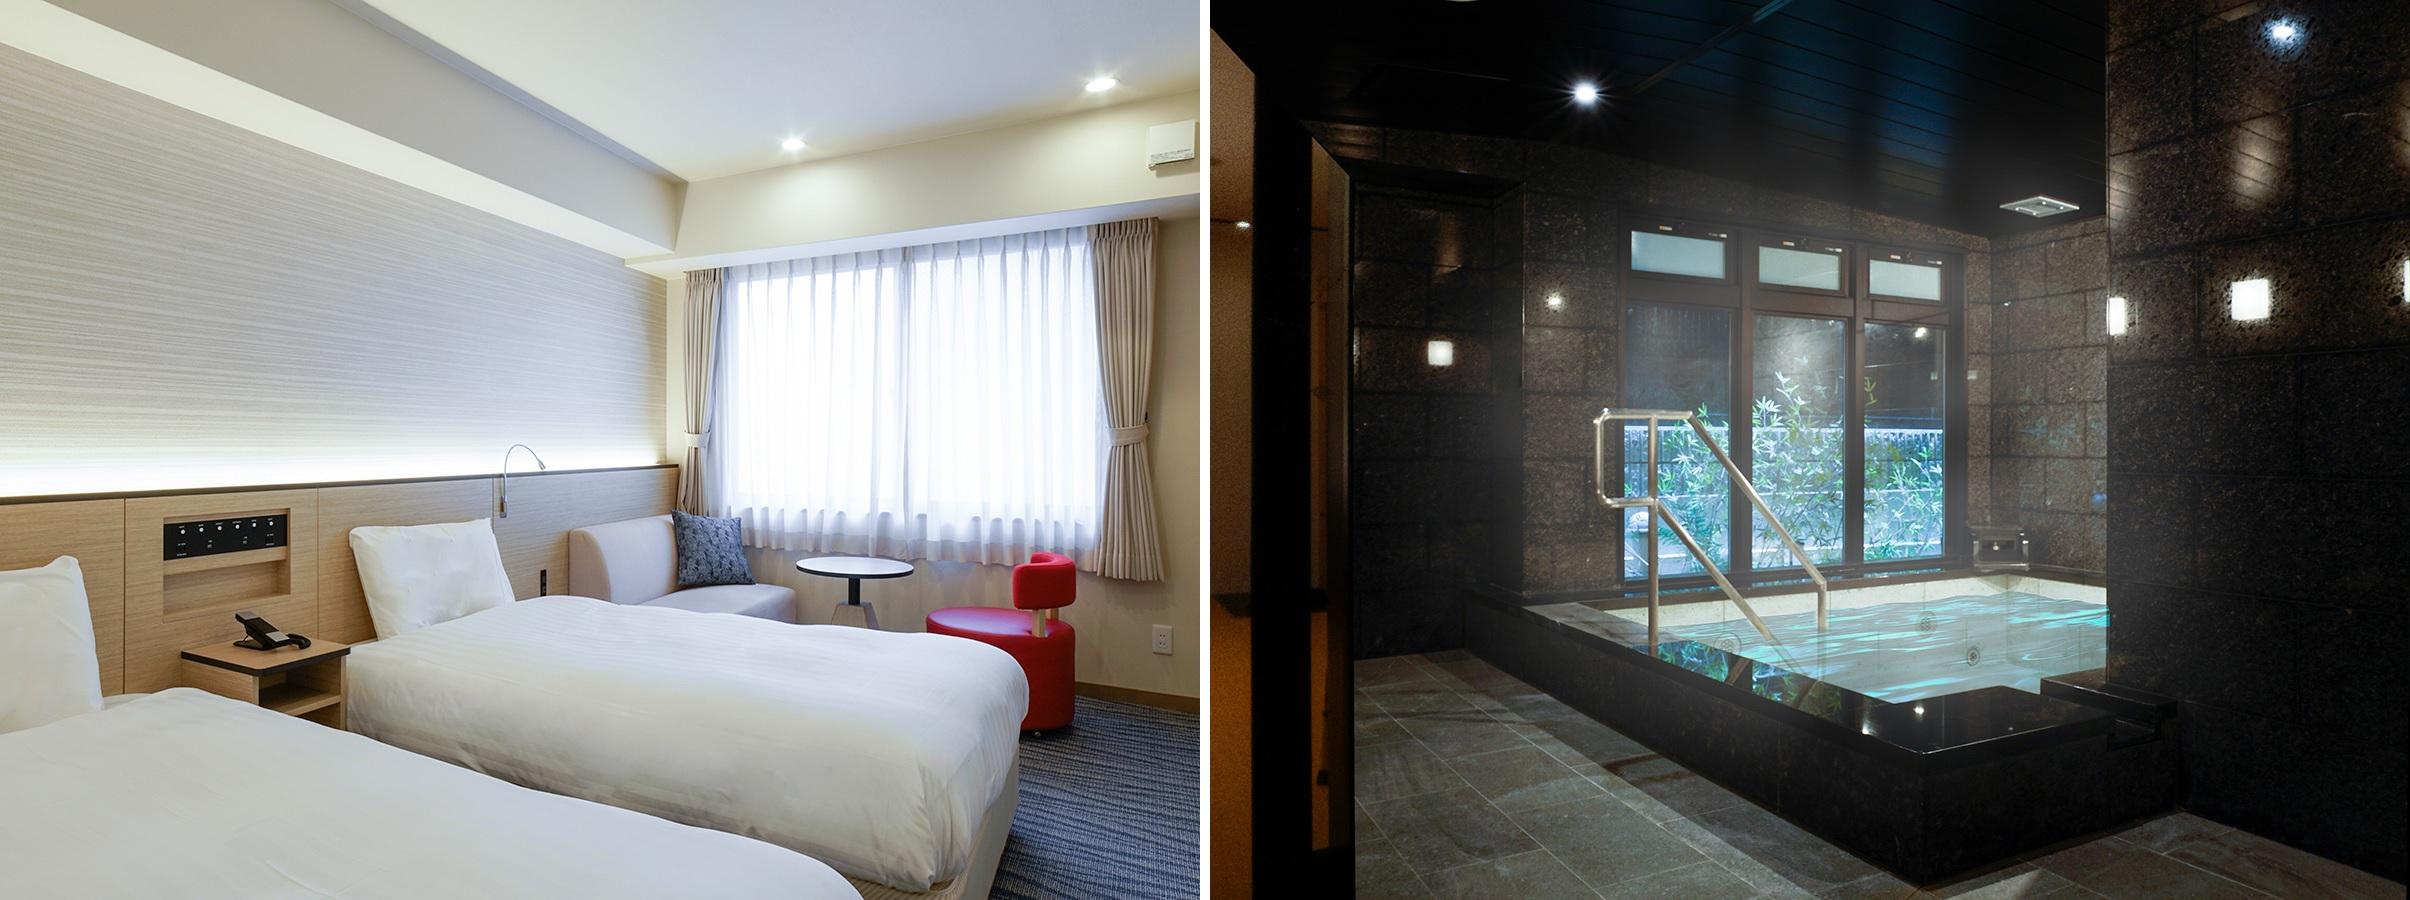 コンフォートイン京都四条烏丸 客室・大浴場